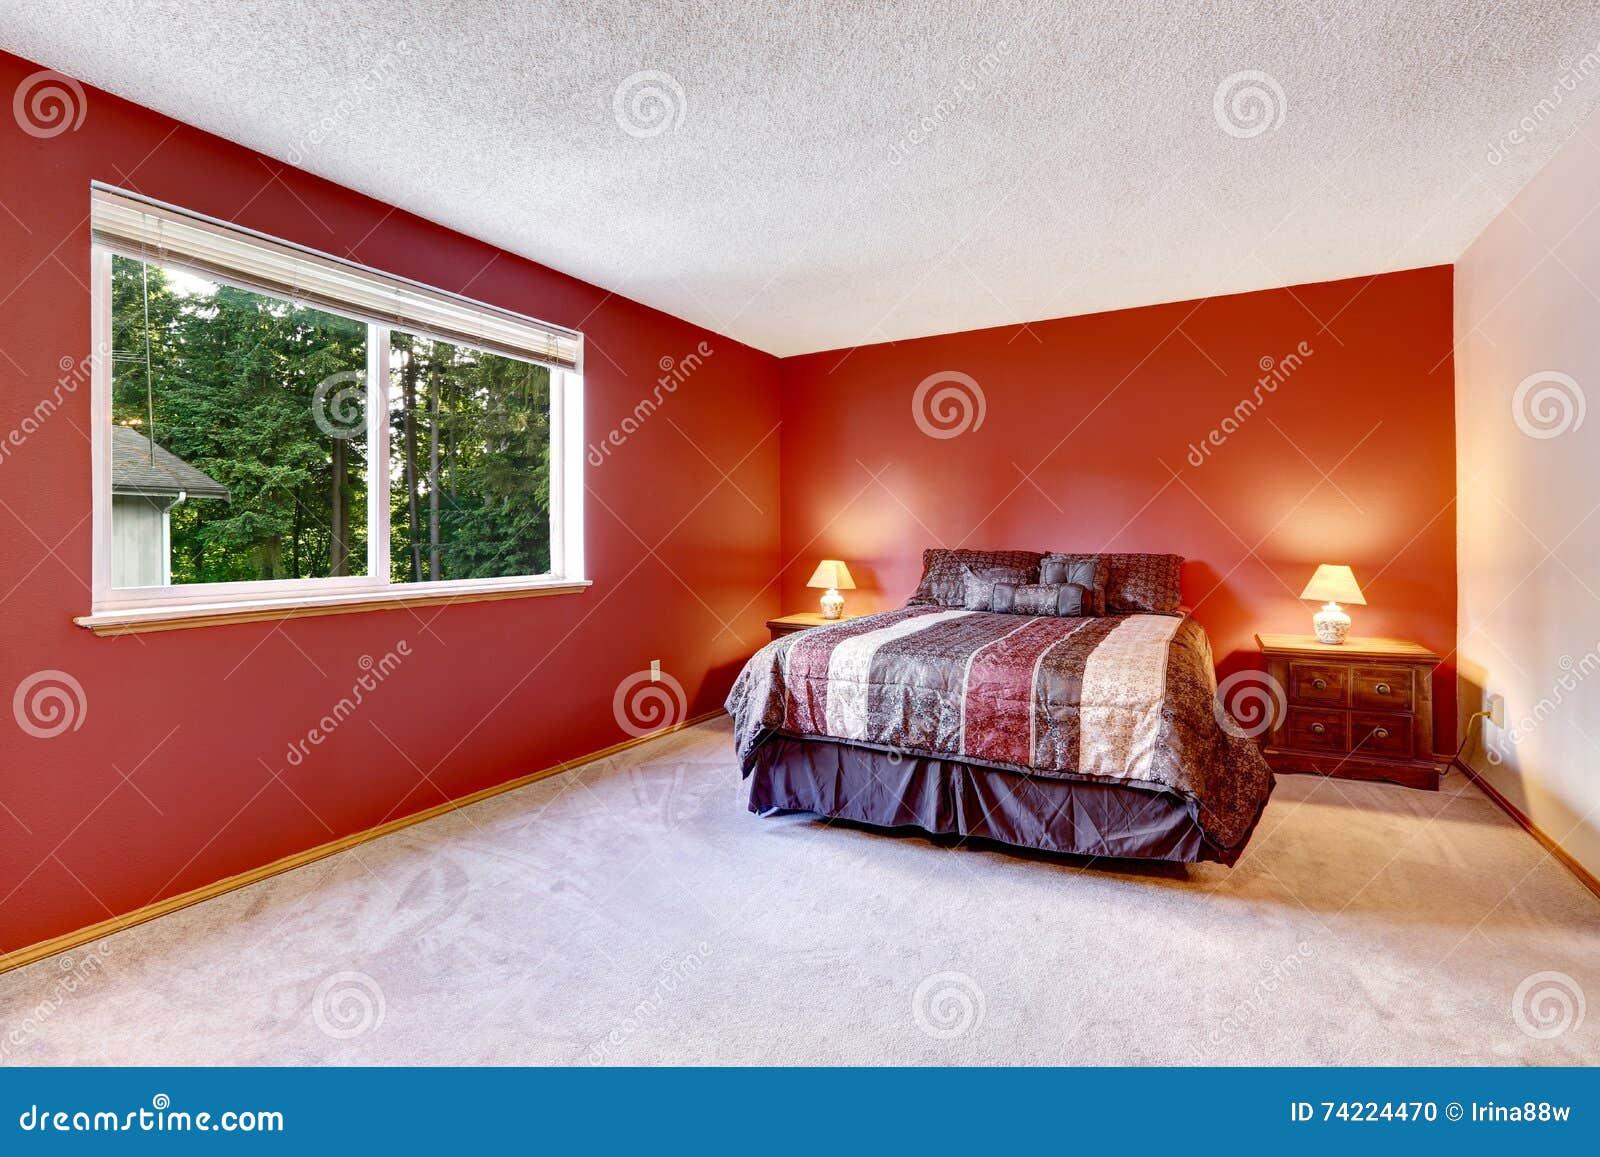 Czerwona Sypialnia Z Beżową Dywanową Podłoga I Jaskrawą